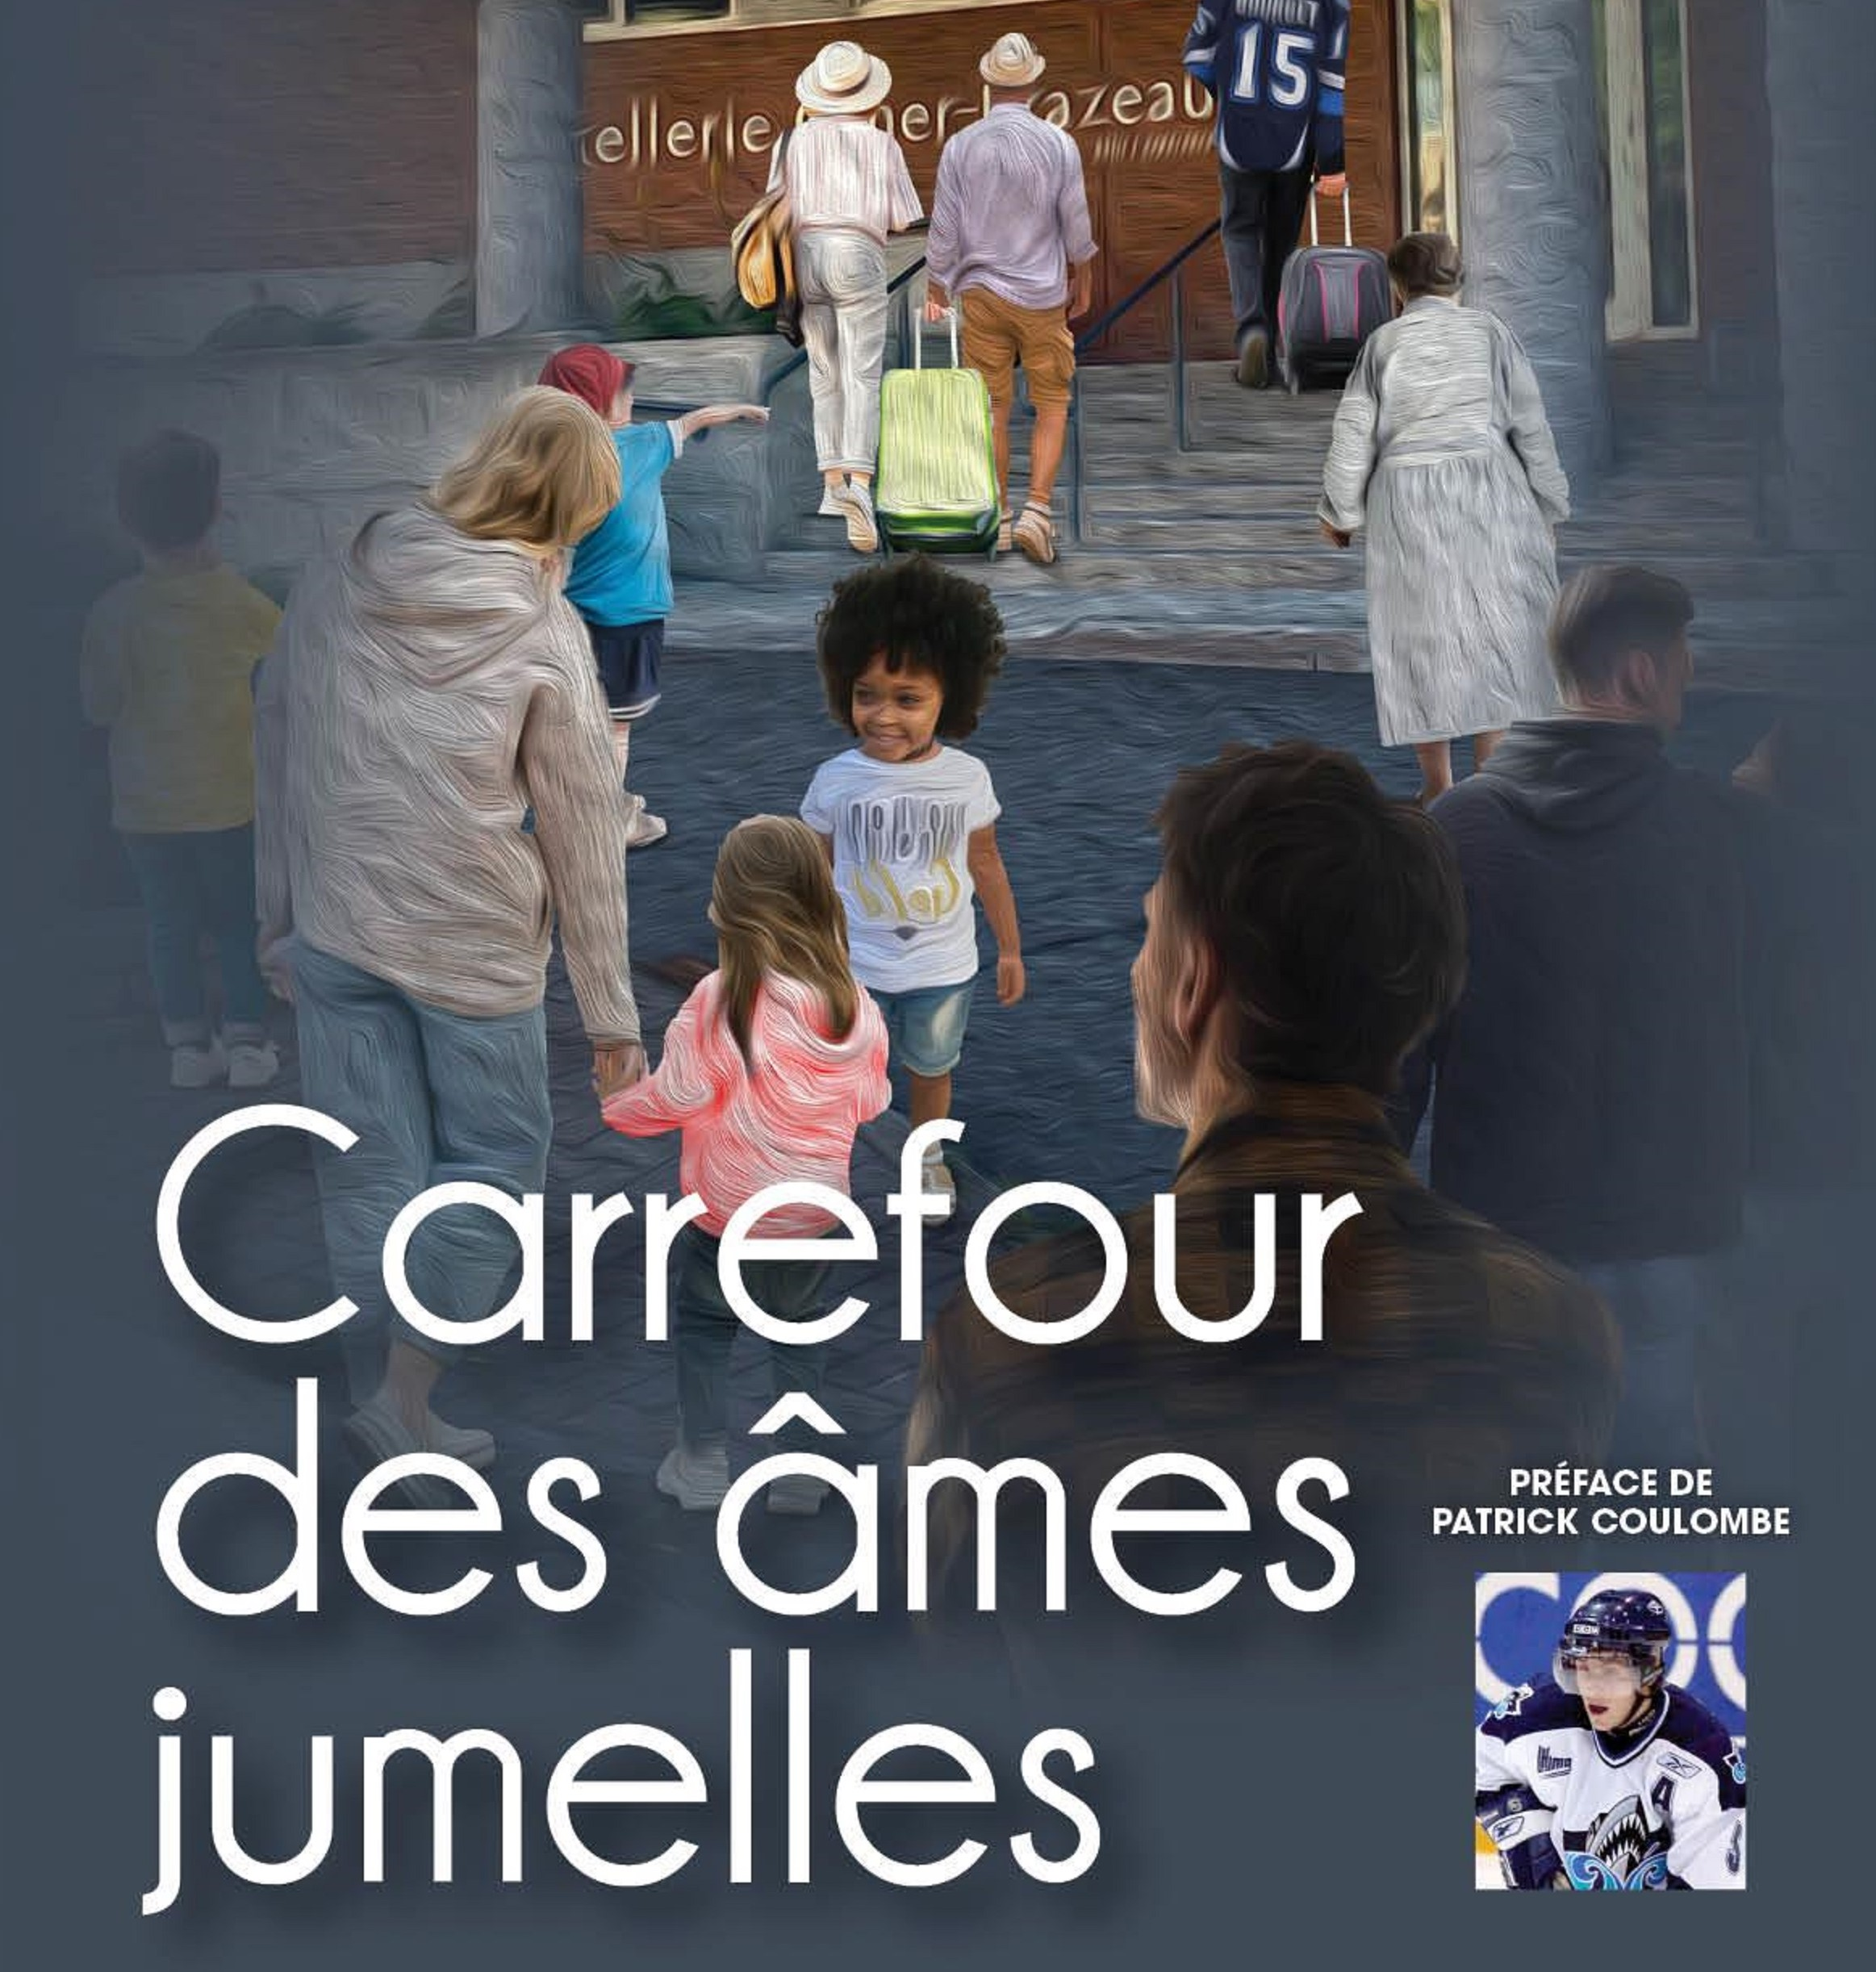 Les auteurs Réjean Pigeon et Gaétan Bérubé s'engagent à remettre à l'Association du cancer de l'Est du Québec 50 % des redevances d'auteur qu'ils percevront sur la vente de cet ouvrage.